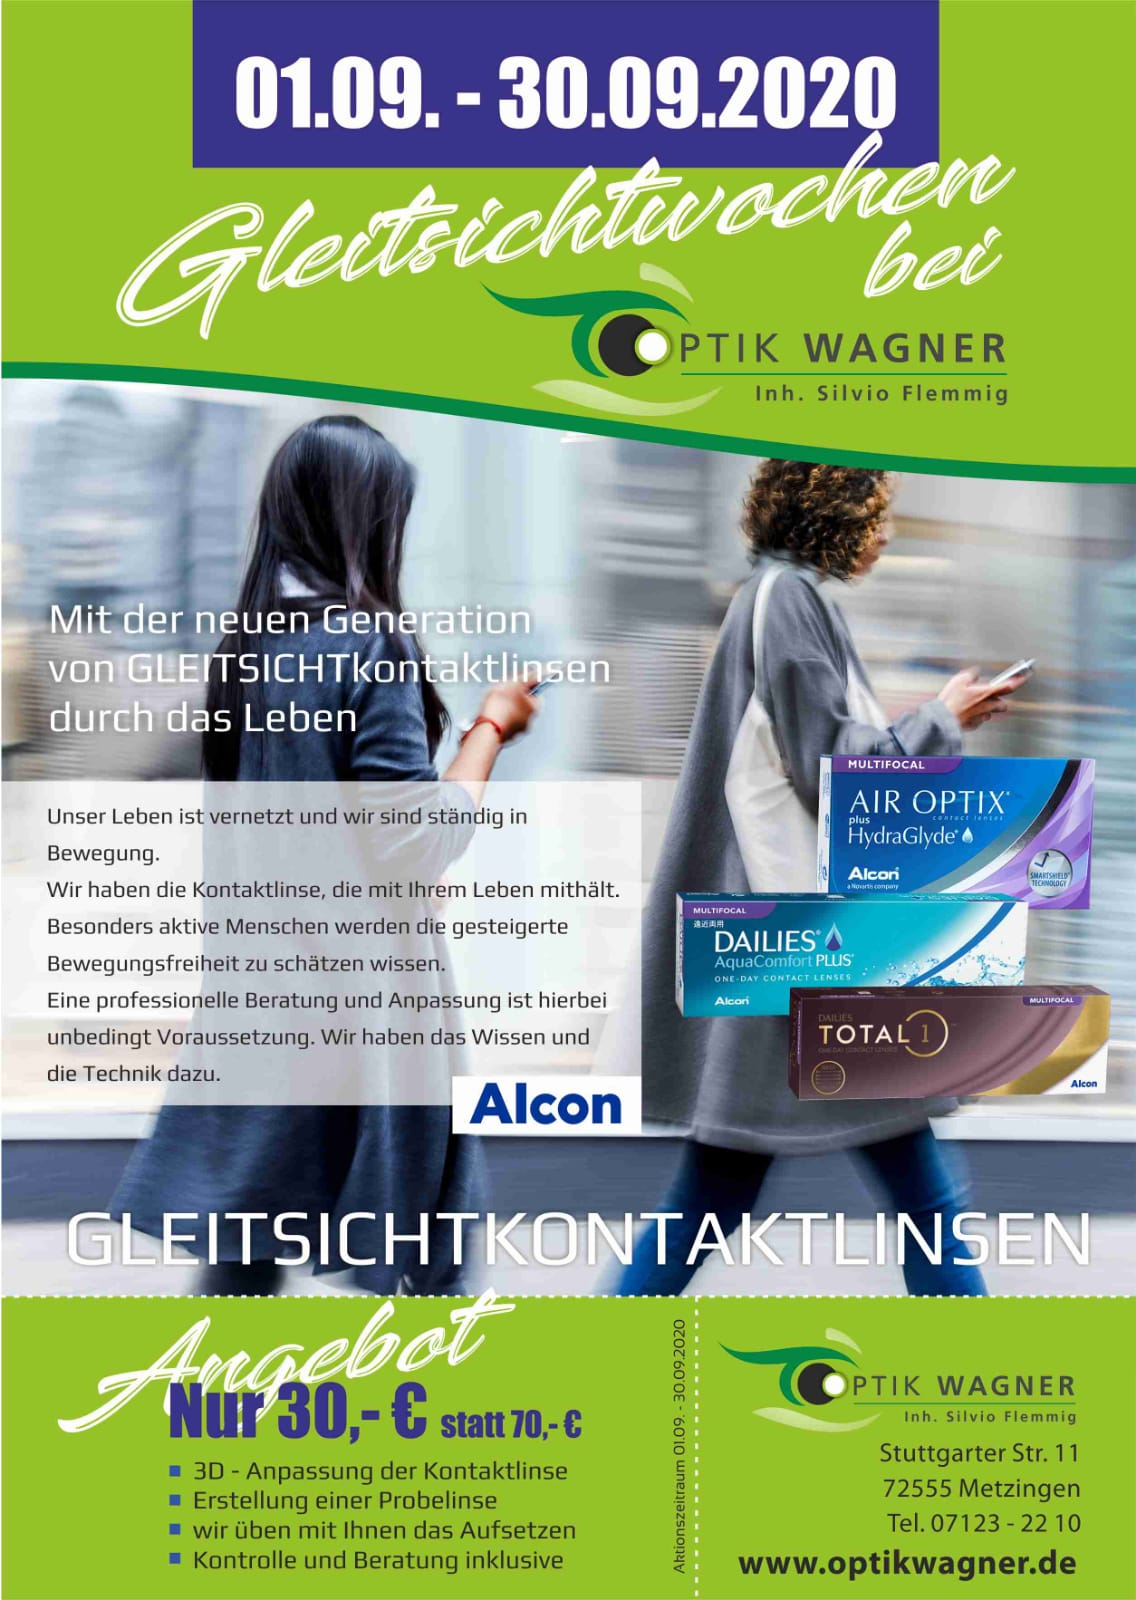 Gleitsichtwochen bei Optik Wagner in Metzingen